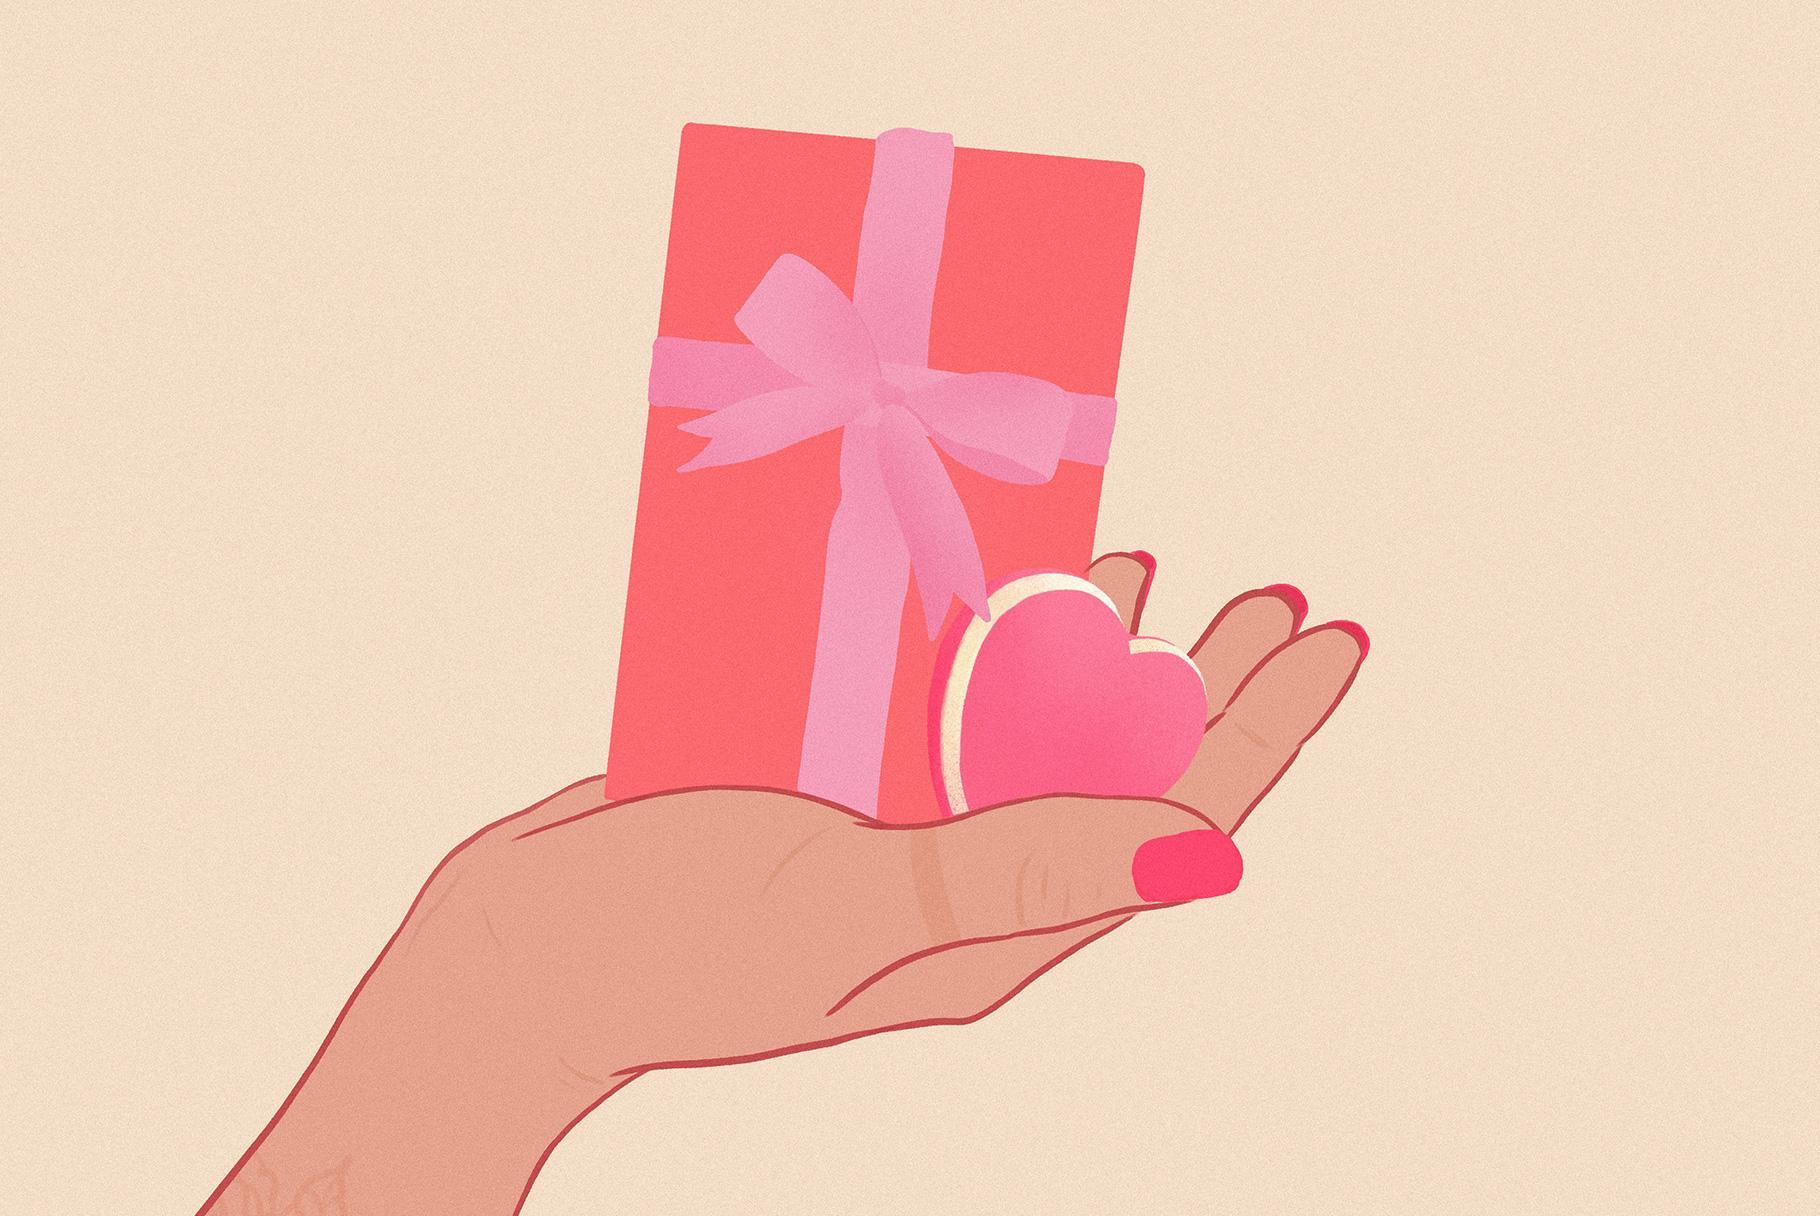 Pomysły na prezenty erotyczne dla początkujących | Poradnik